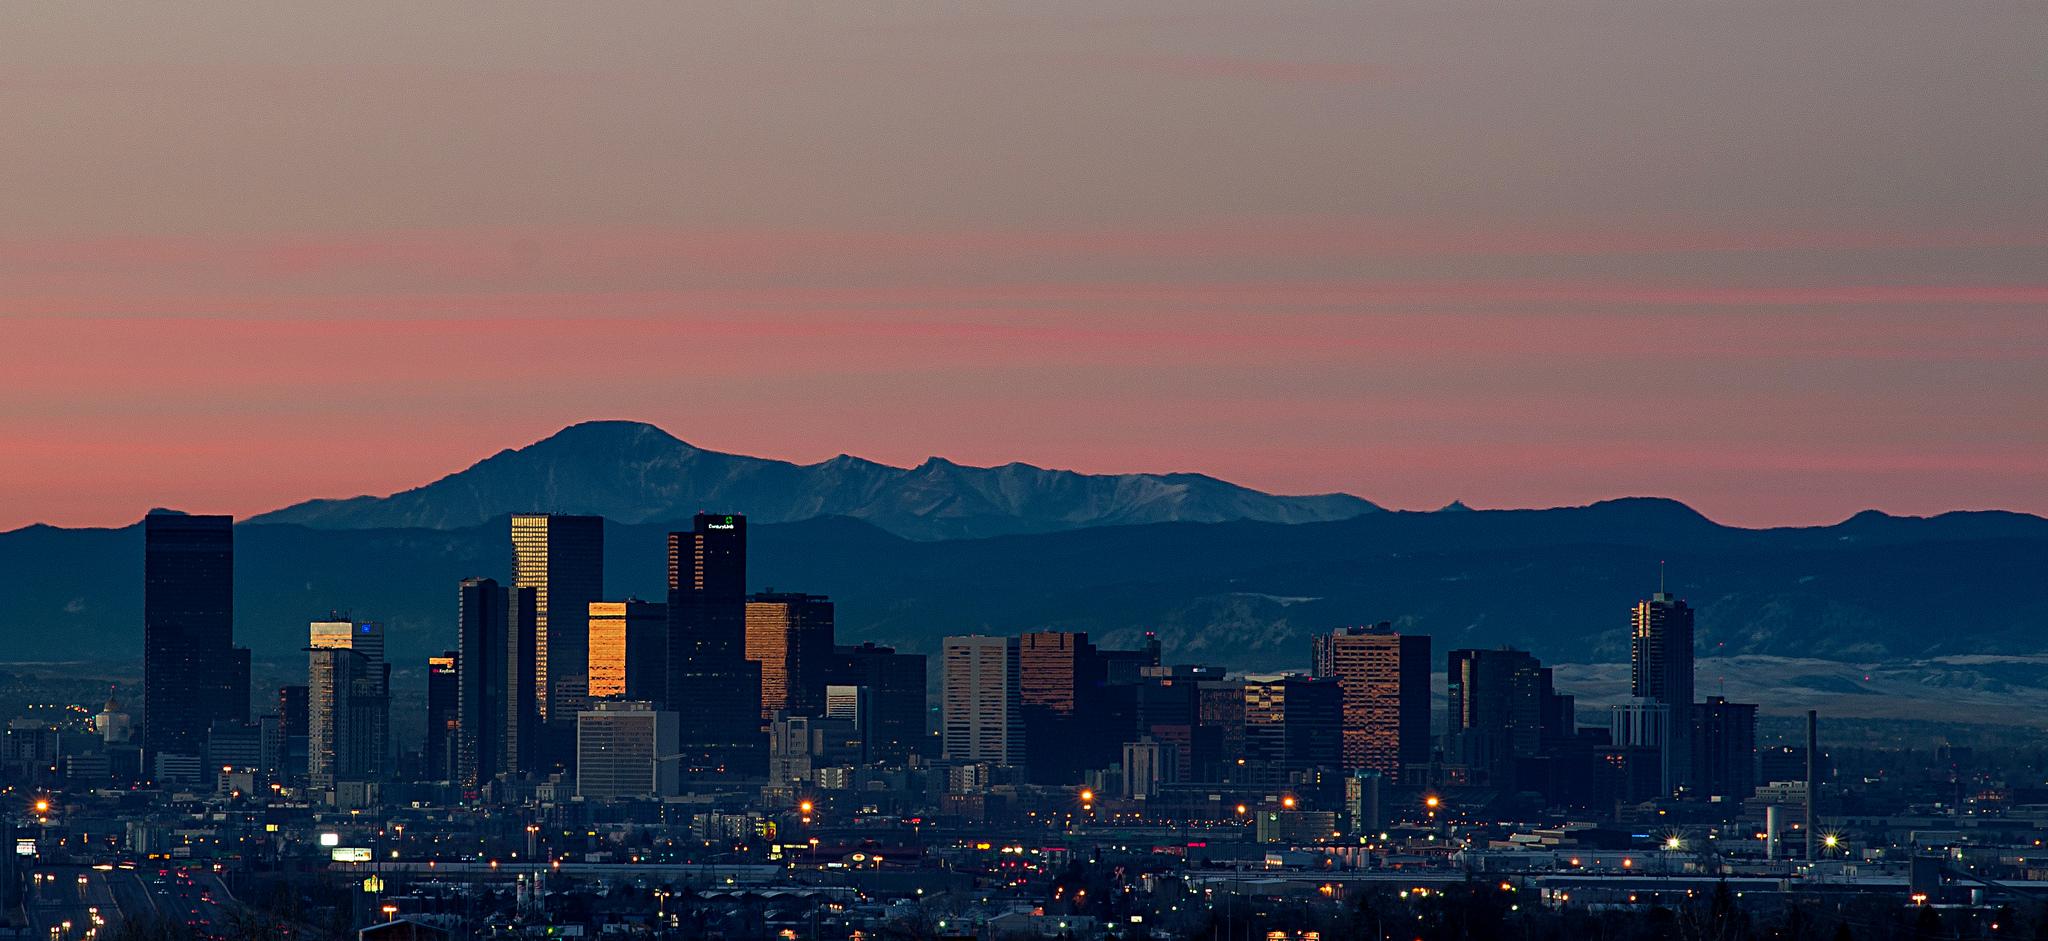 Sunrise Over Downtown Denver, Colorado